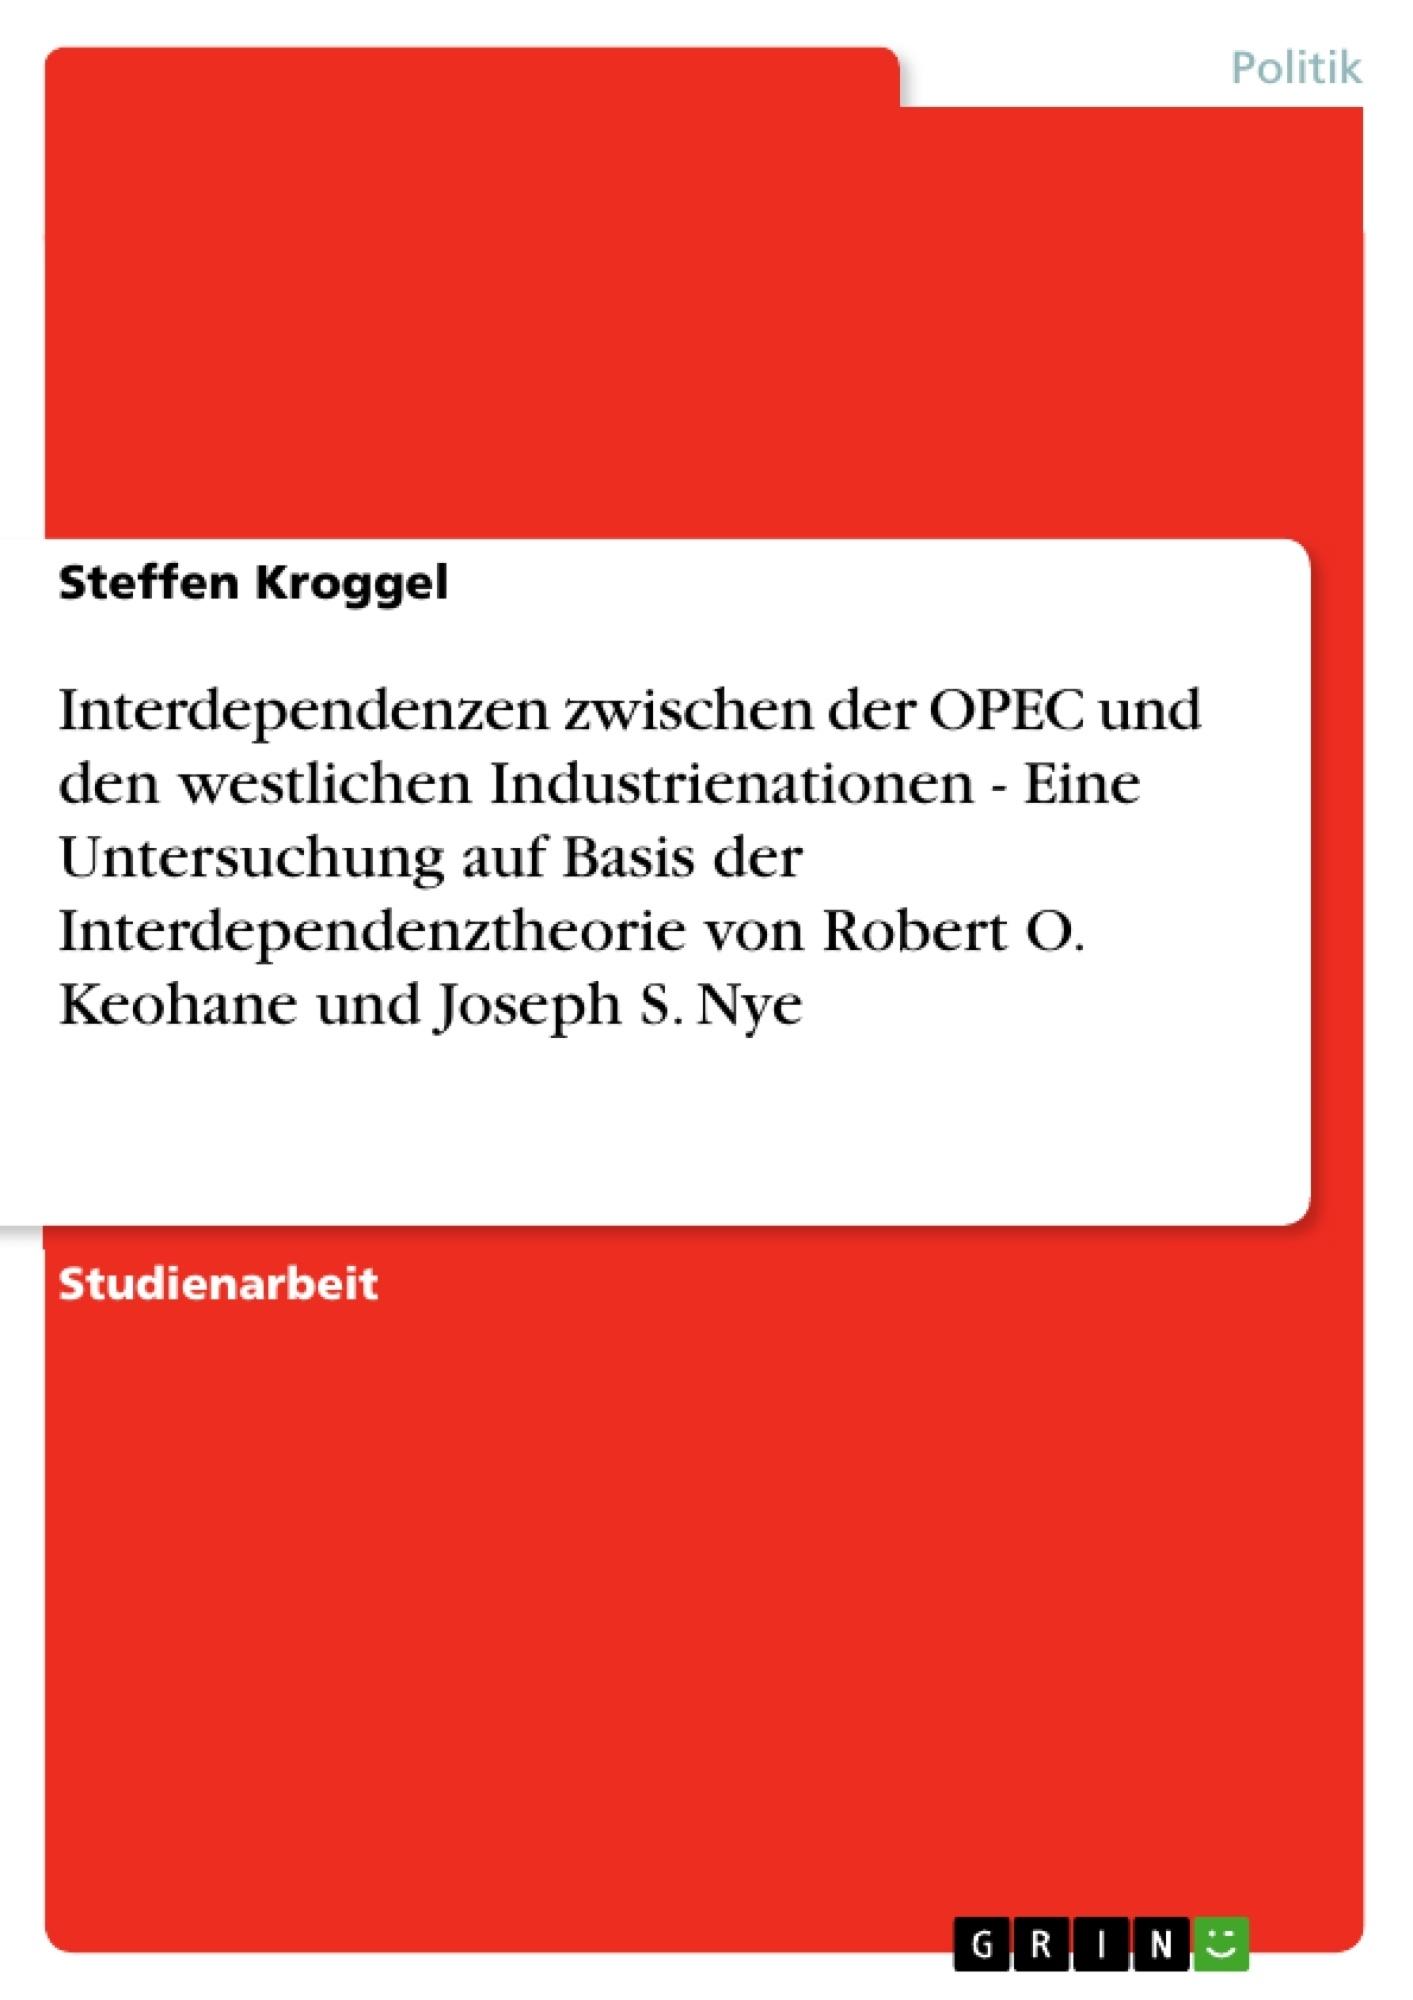 Titel: Interdependenzen zwischen der OPEC und den westlichen Industrienationen - Eine Untersuchung auf Basis der Interdependenztheorie von Robert O. Keohane und Joseph S. Nye